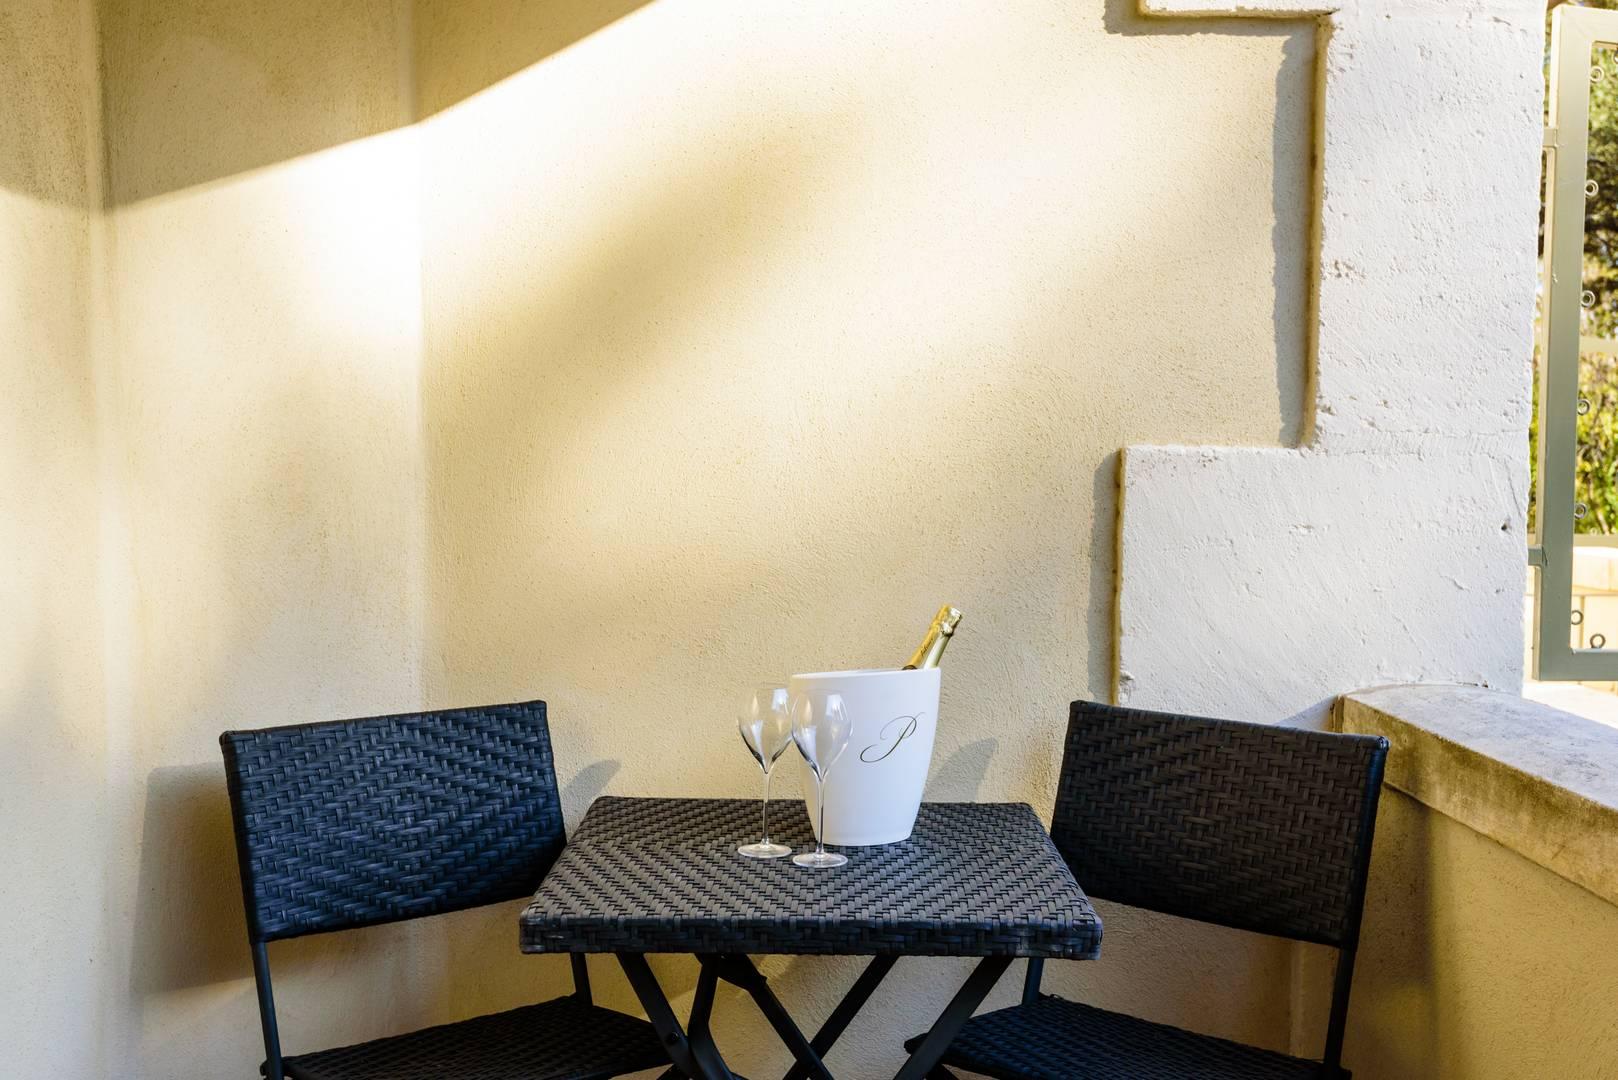 Chambre d'hôtel avec terrasse ensoleillée